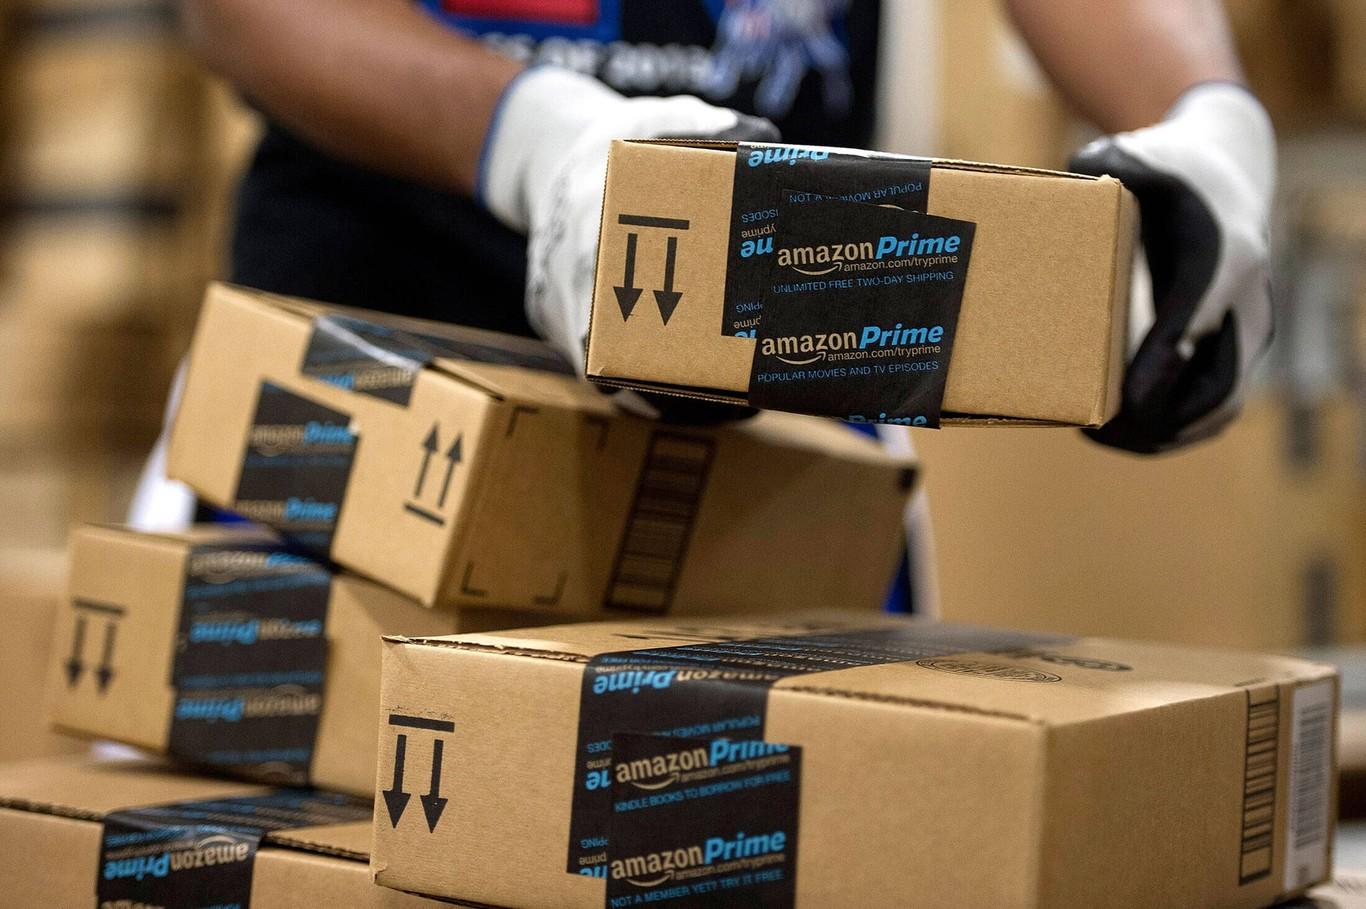 Exclusiva: Los trabajadores de Amazon España planean una huelga a nivel europeo en pleno Prime Day o Black Friday